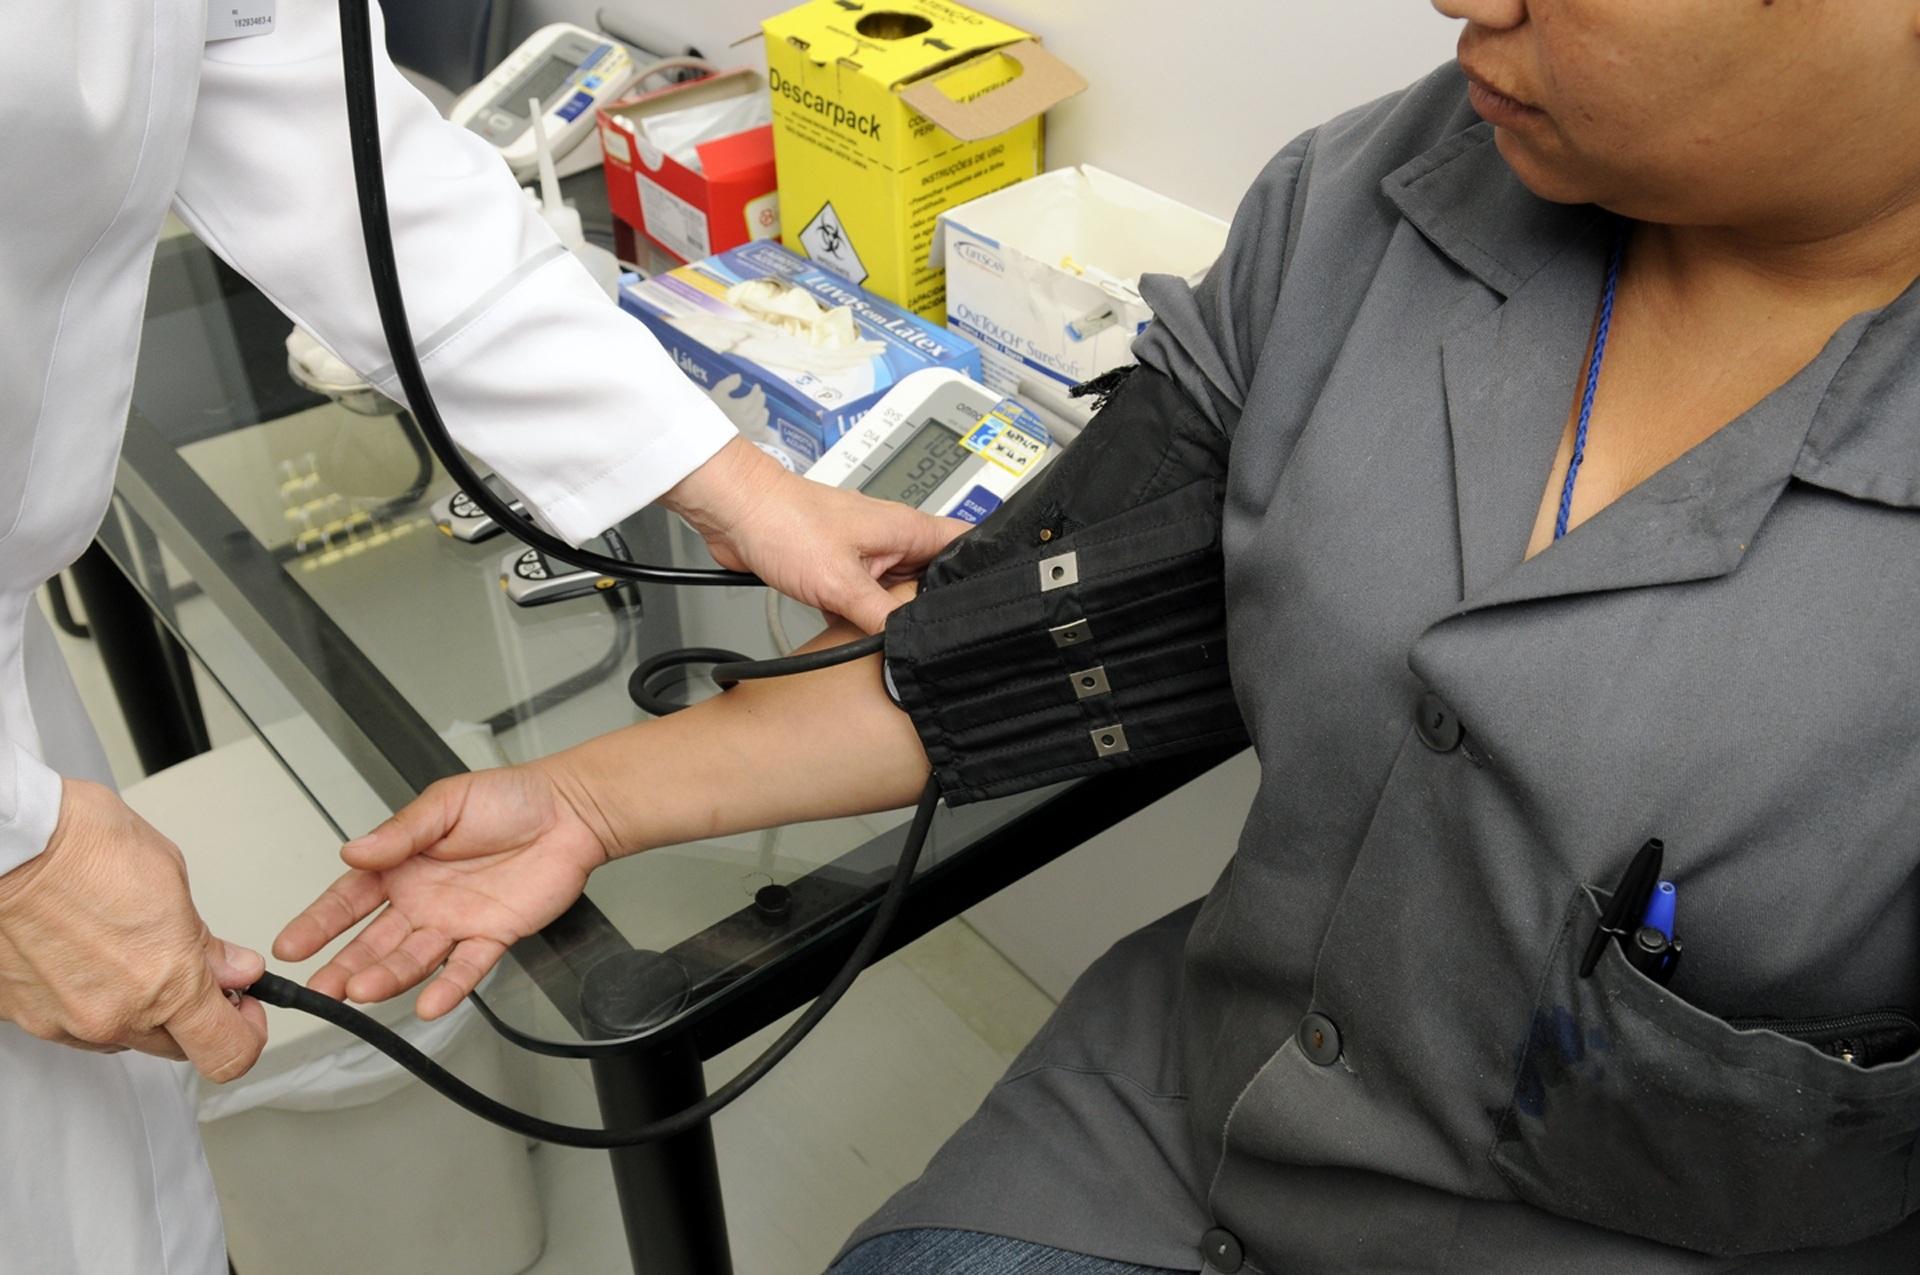 Propostas do governo não convencem médicos a recuar na greve